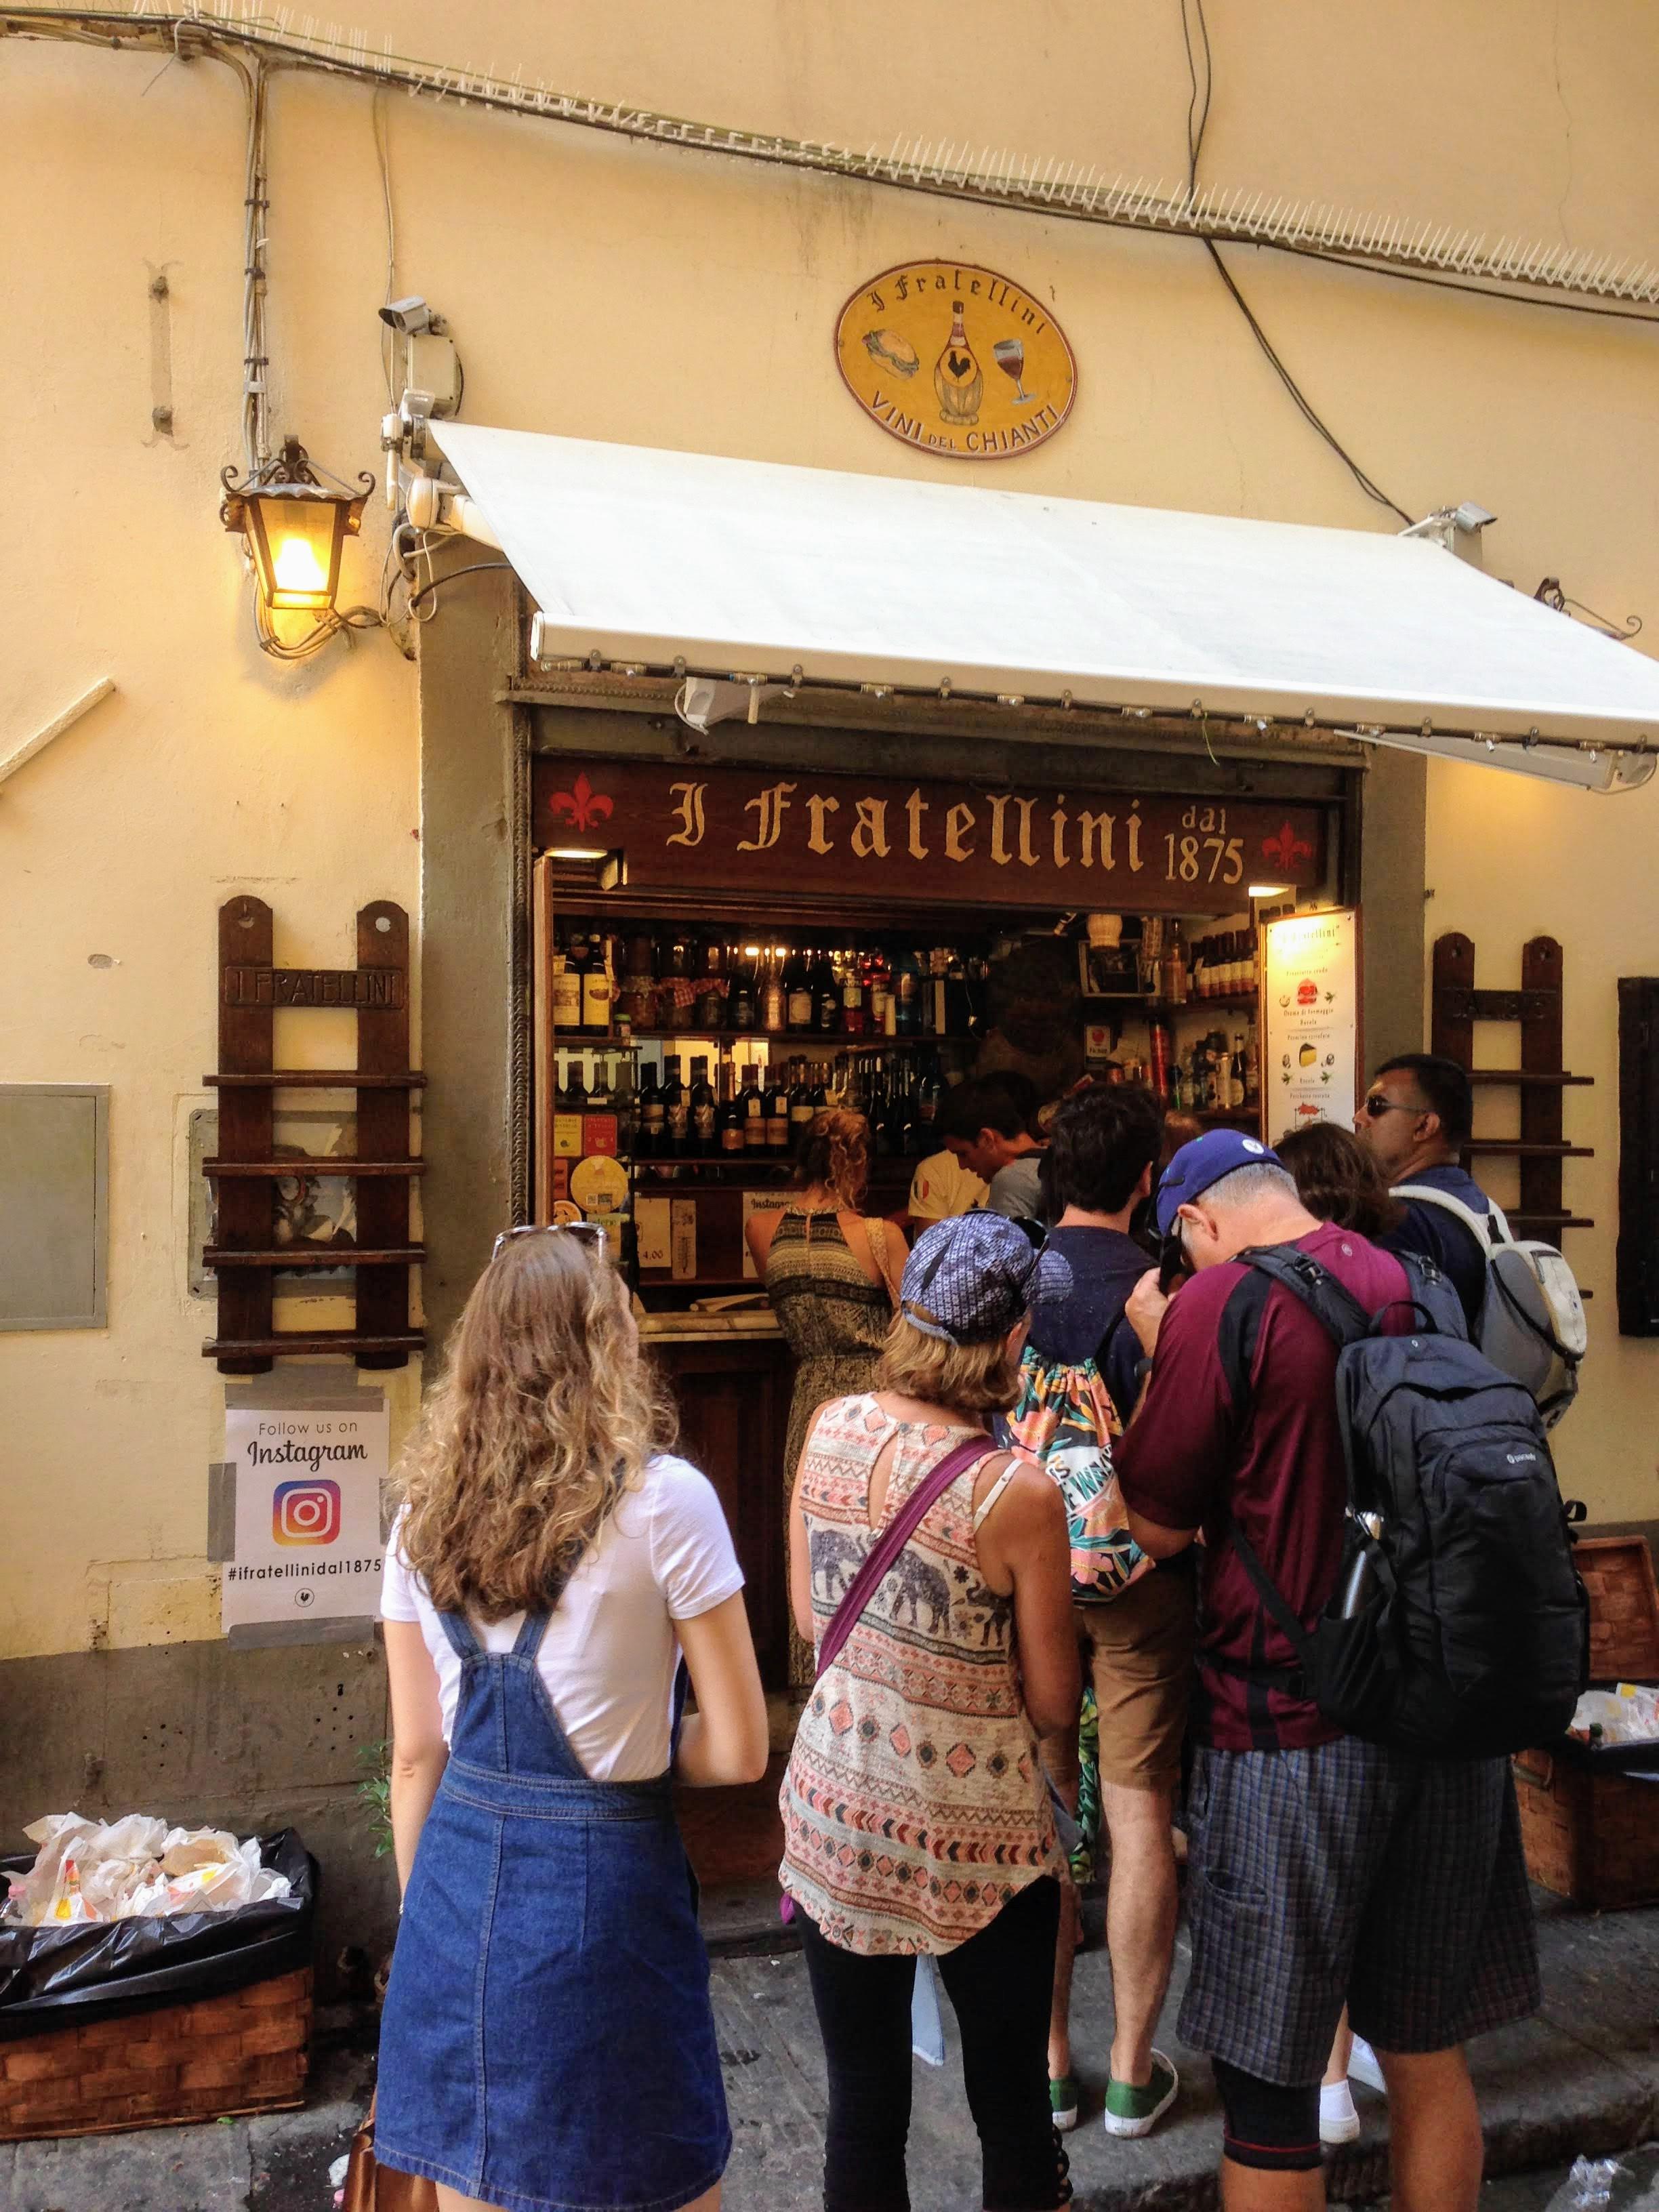 I due fratellini Florence Italy sandwich shop panini